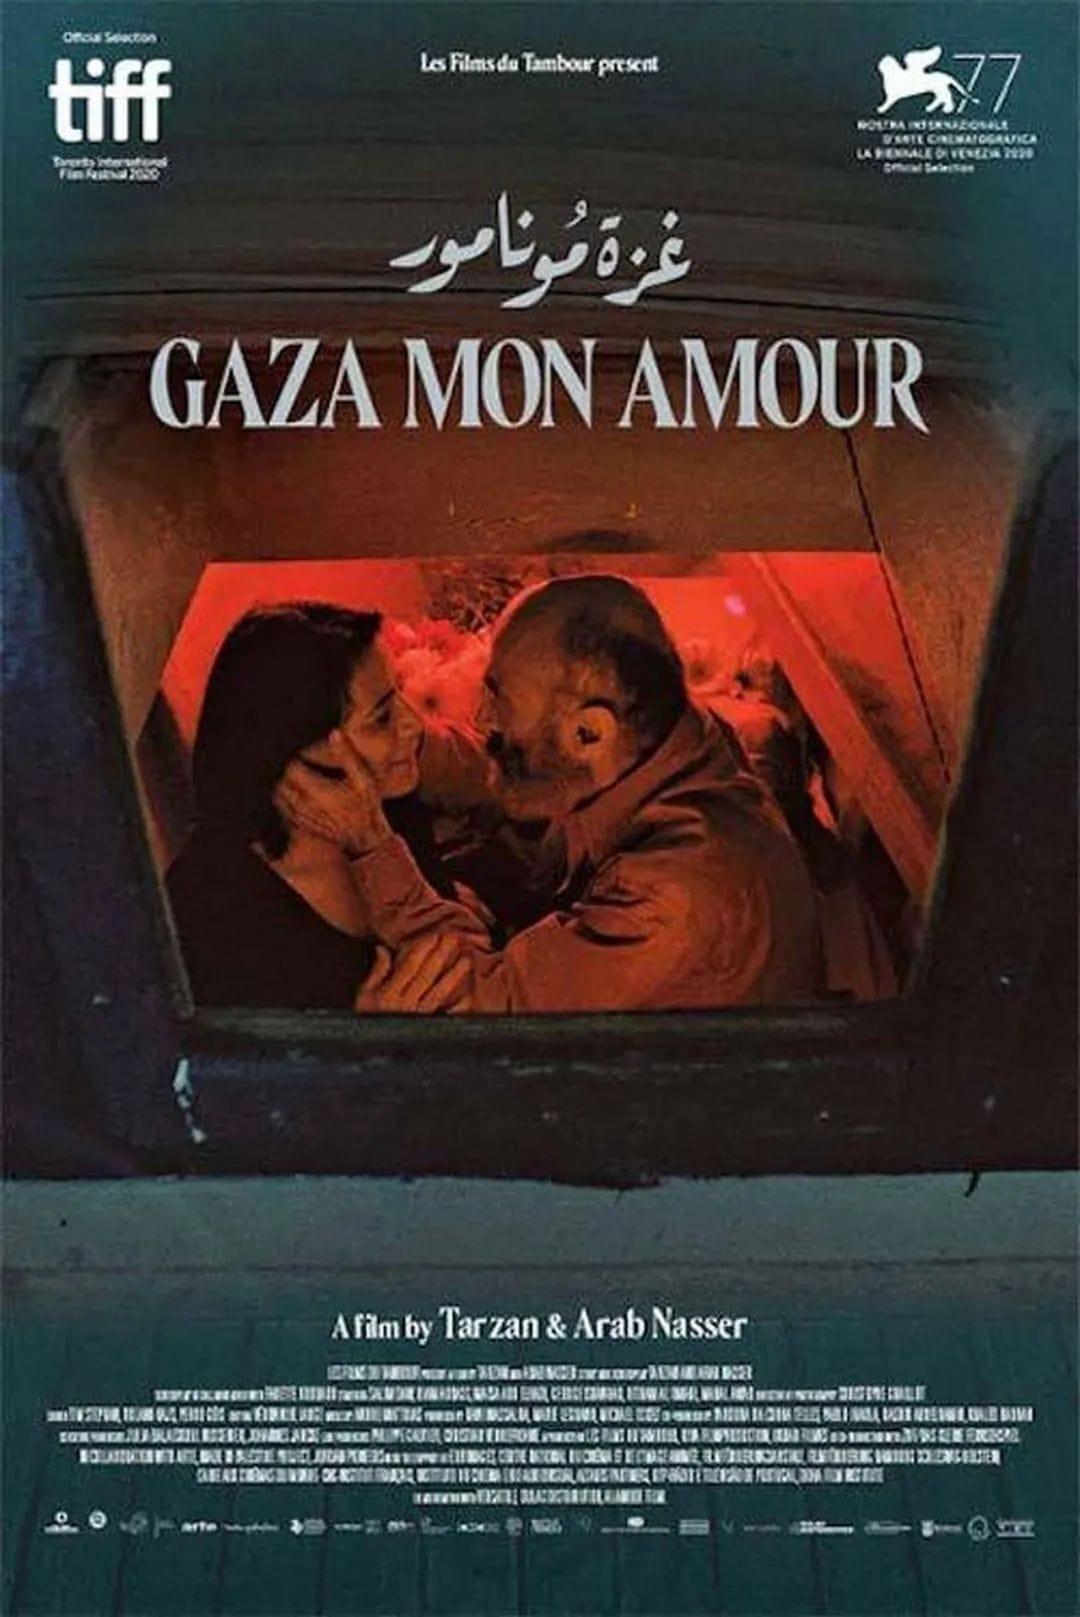 Gaza Mon Amour at Zawya Cinema